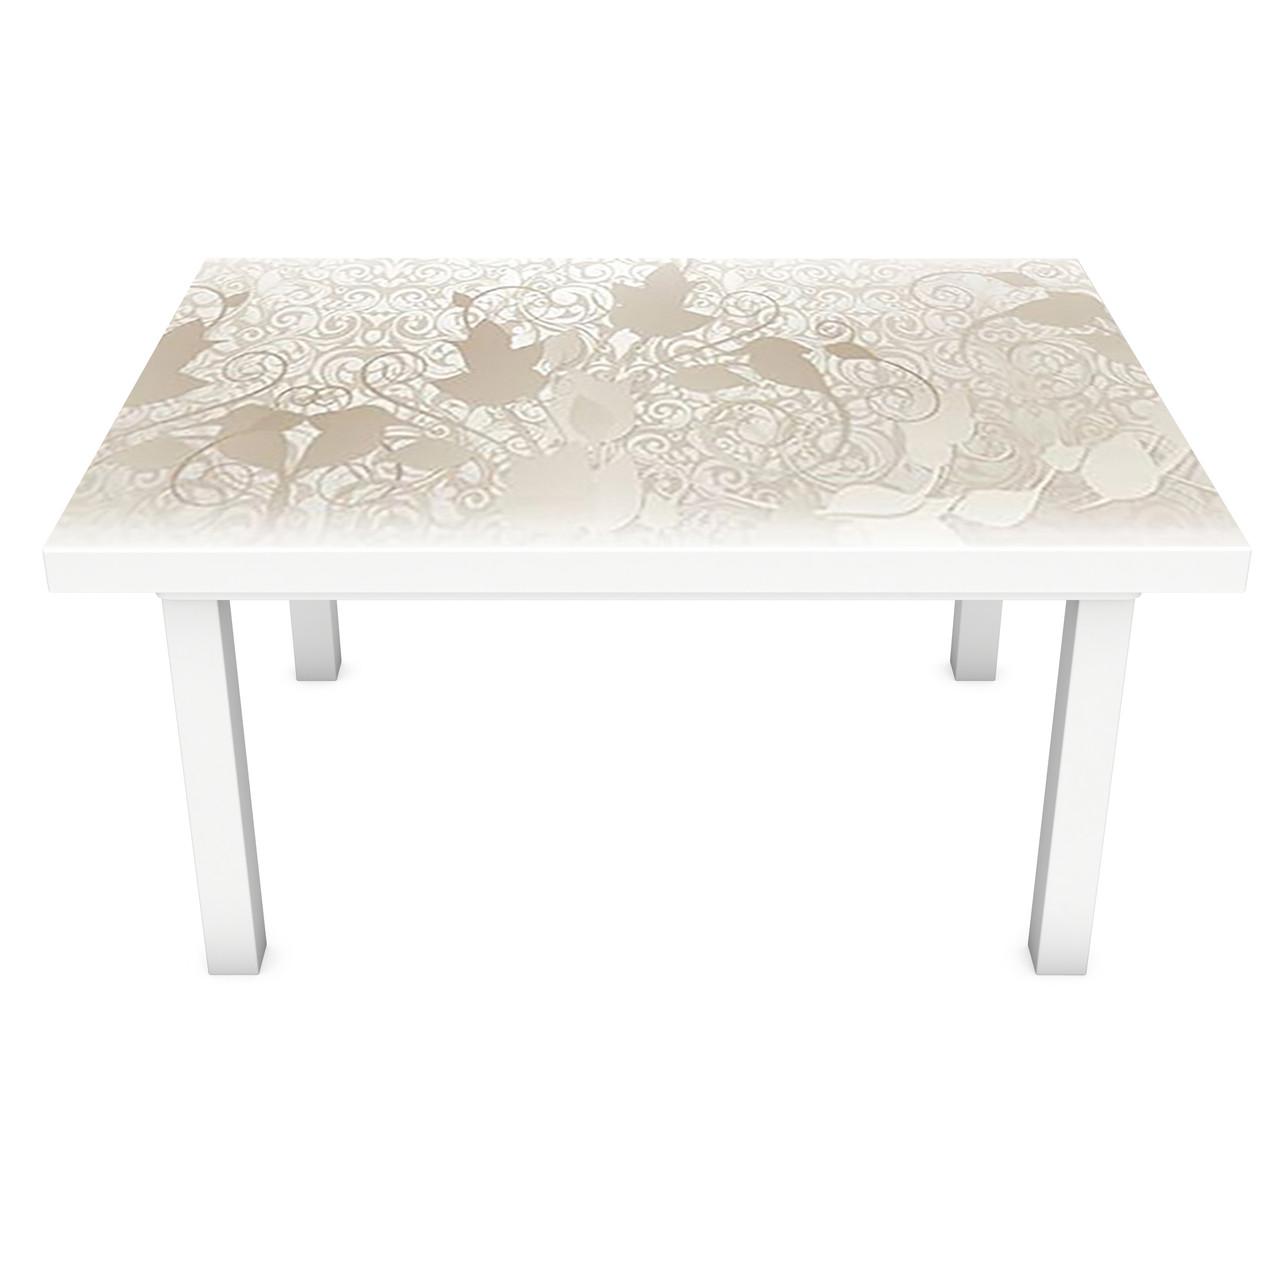 Наклейка на стол виниловая Бежевый Узор на мебель интерьерная ПВХ пленка растительный орнамент 600*1200 мм